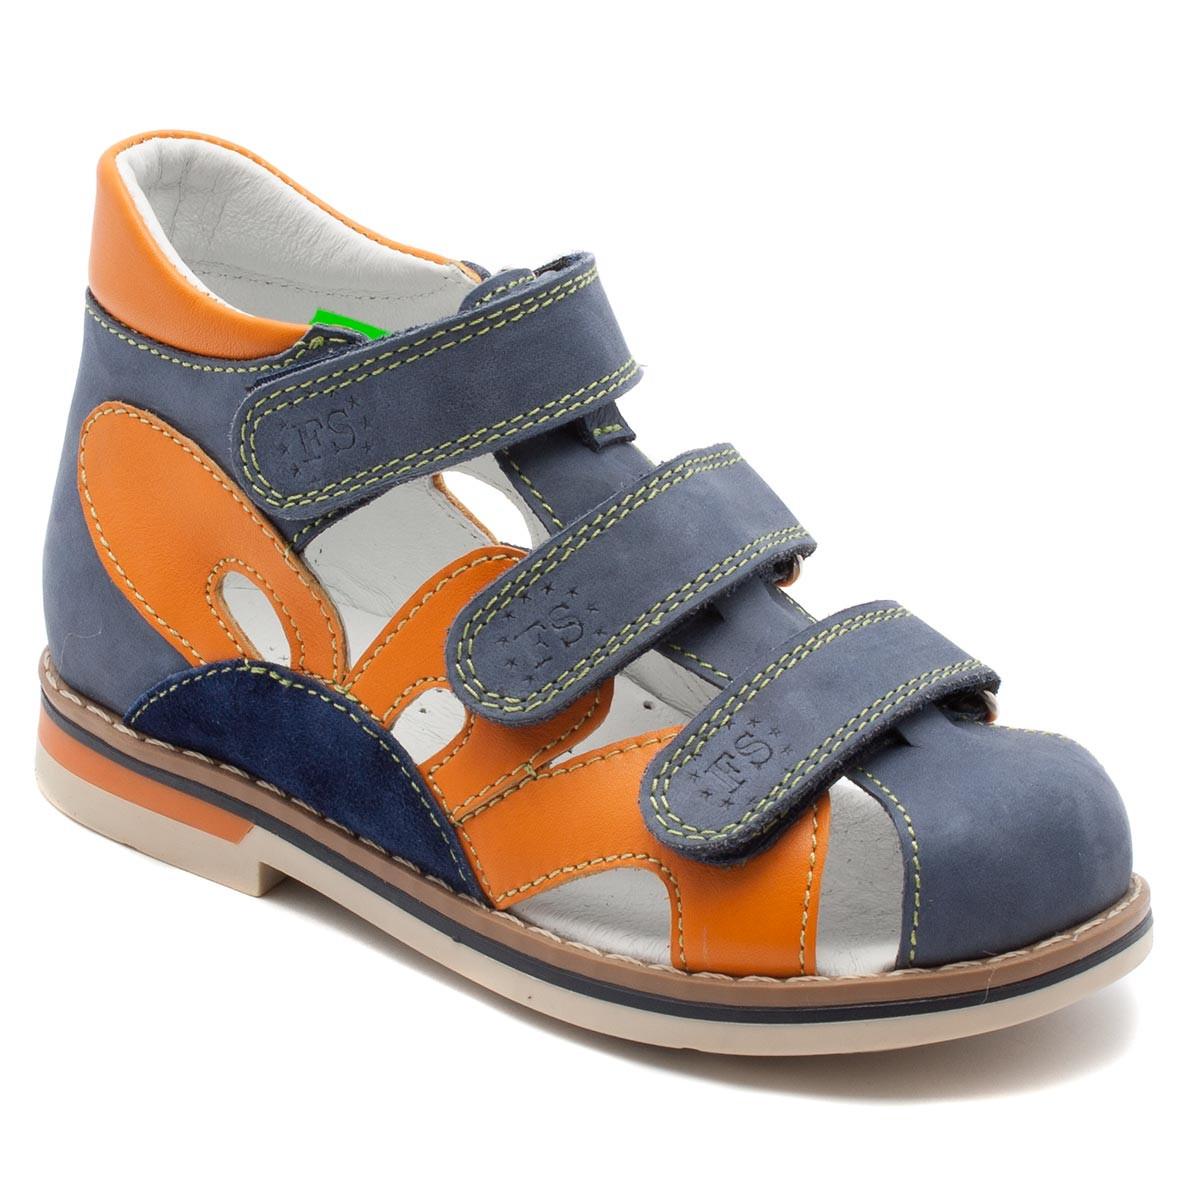 Синие босоножки FS Сollection для девочки, размер 20-30